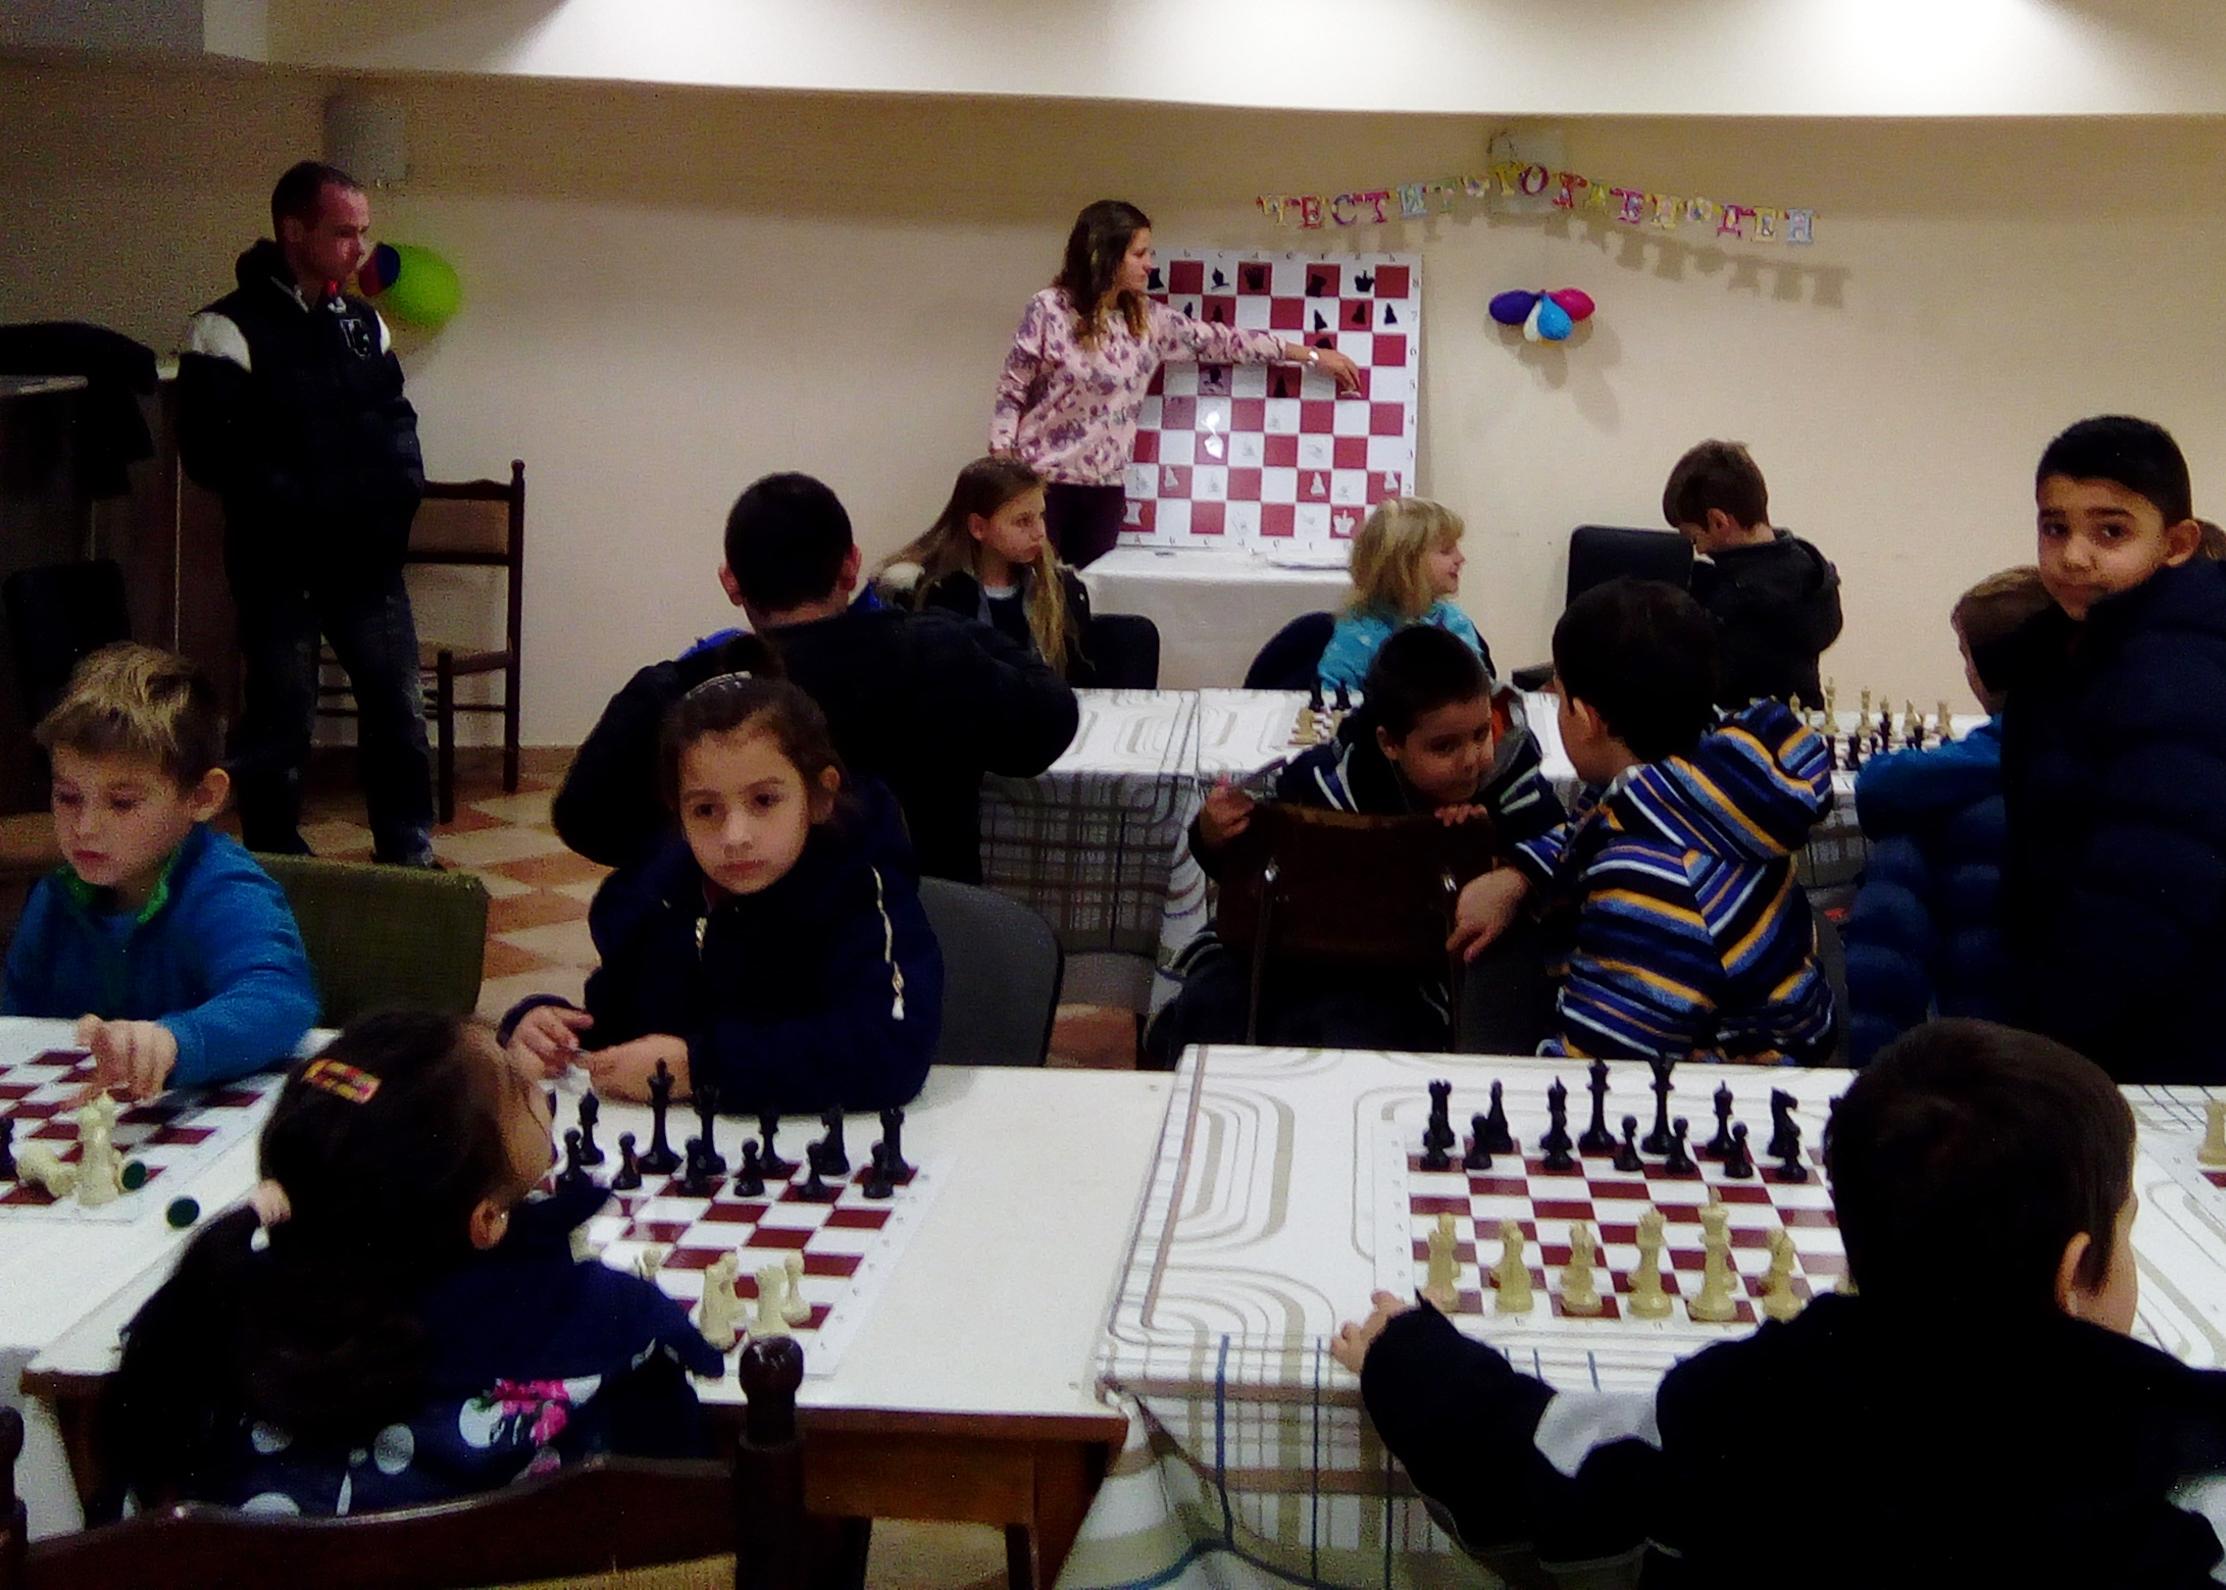 IСлед един месец тренировки Павликенските шахматисти завоюваха първите си медали